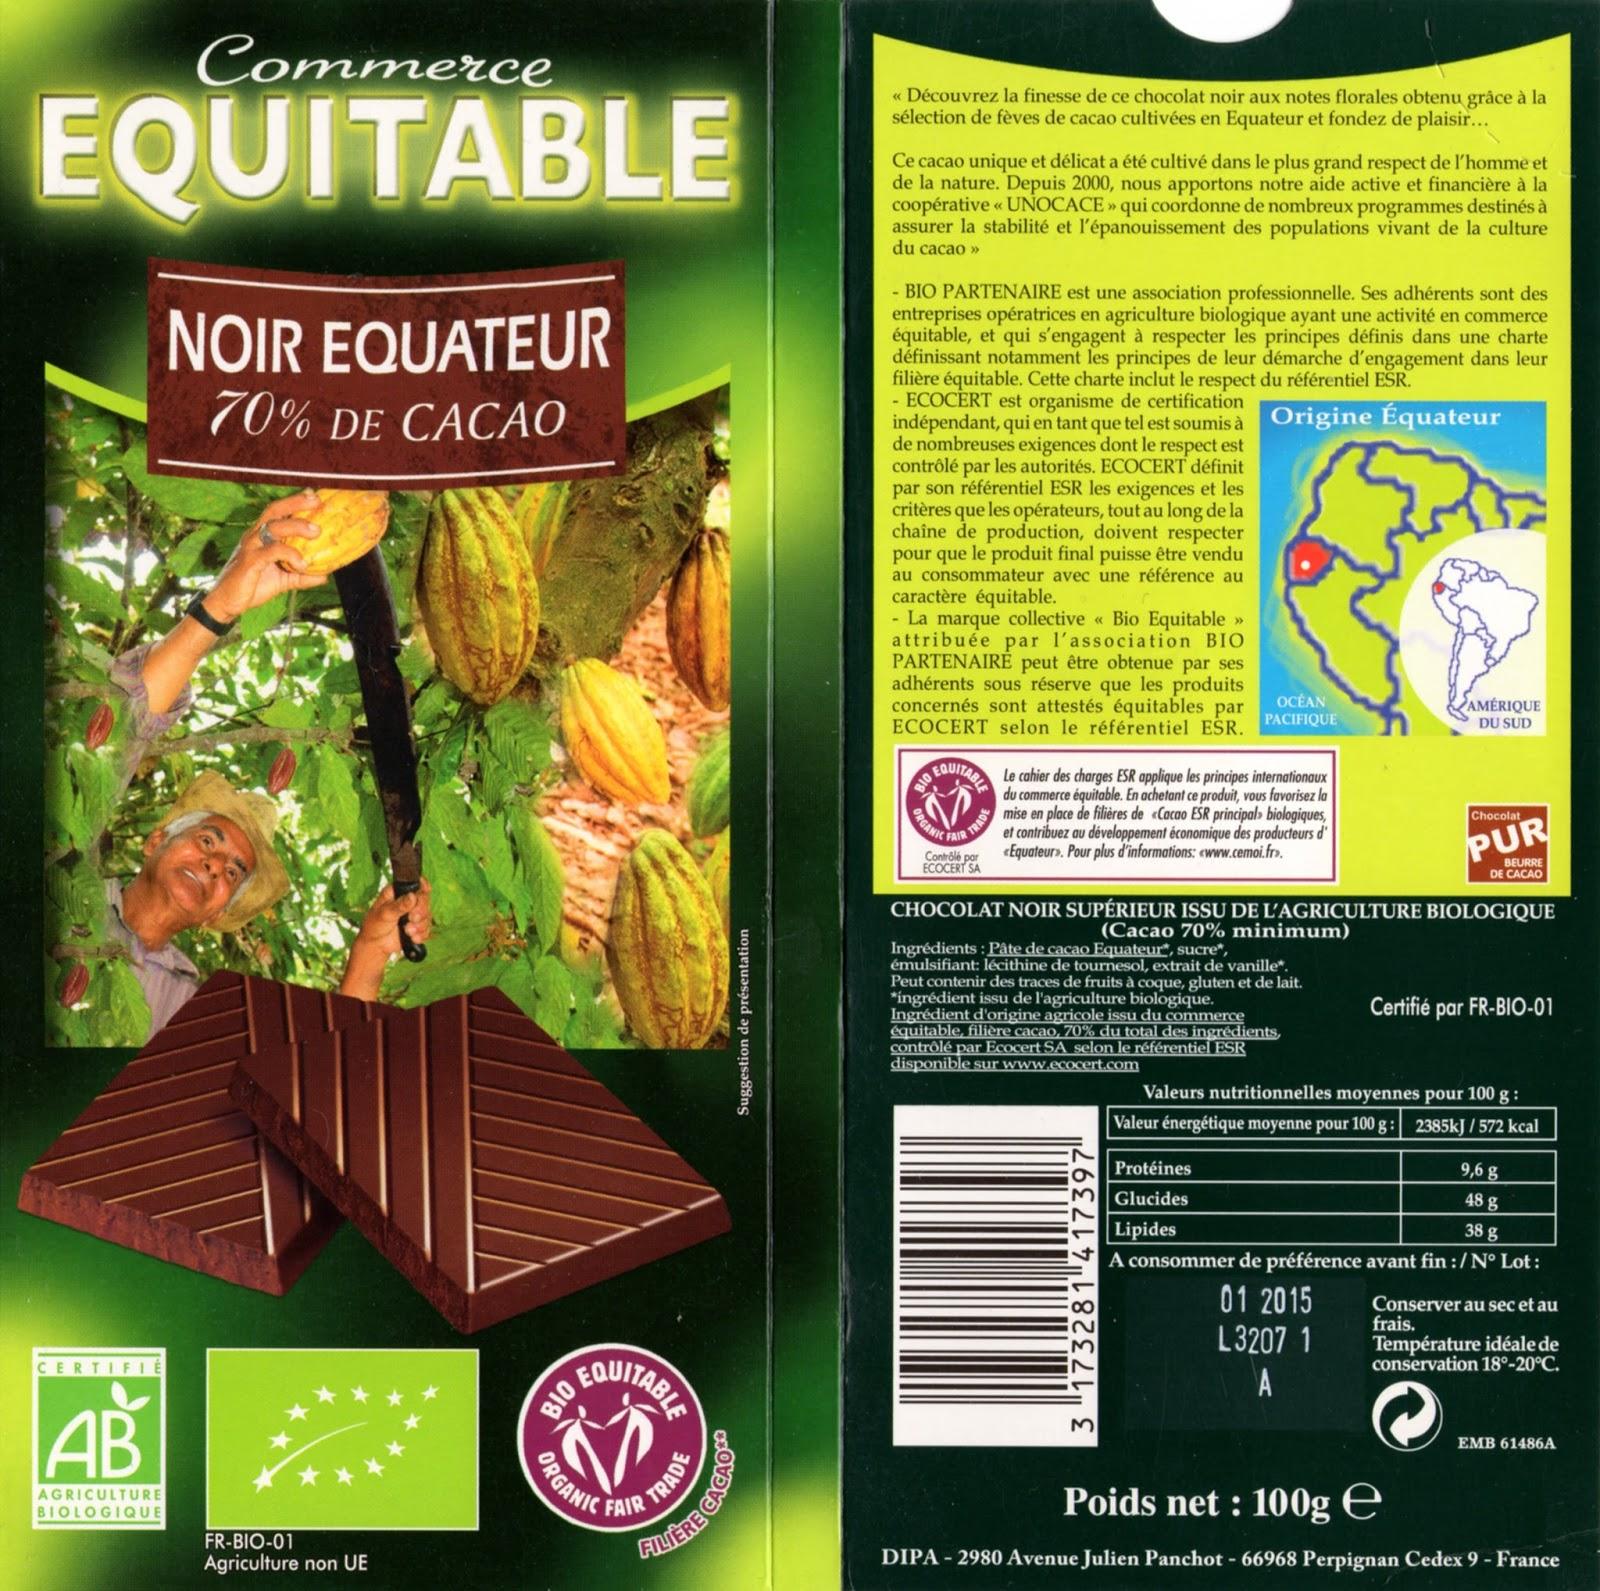 tablette de chocolat noir dégustation cémoi commerce equitable noir equateur 70